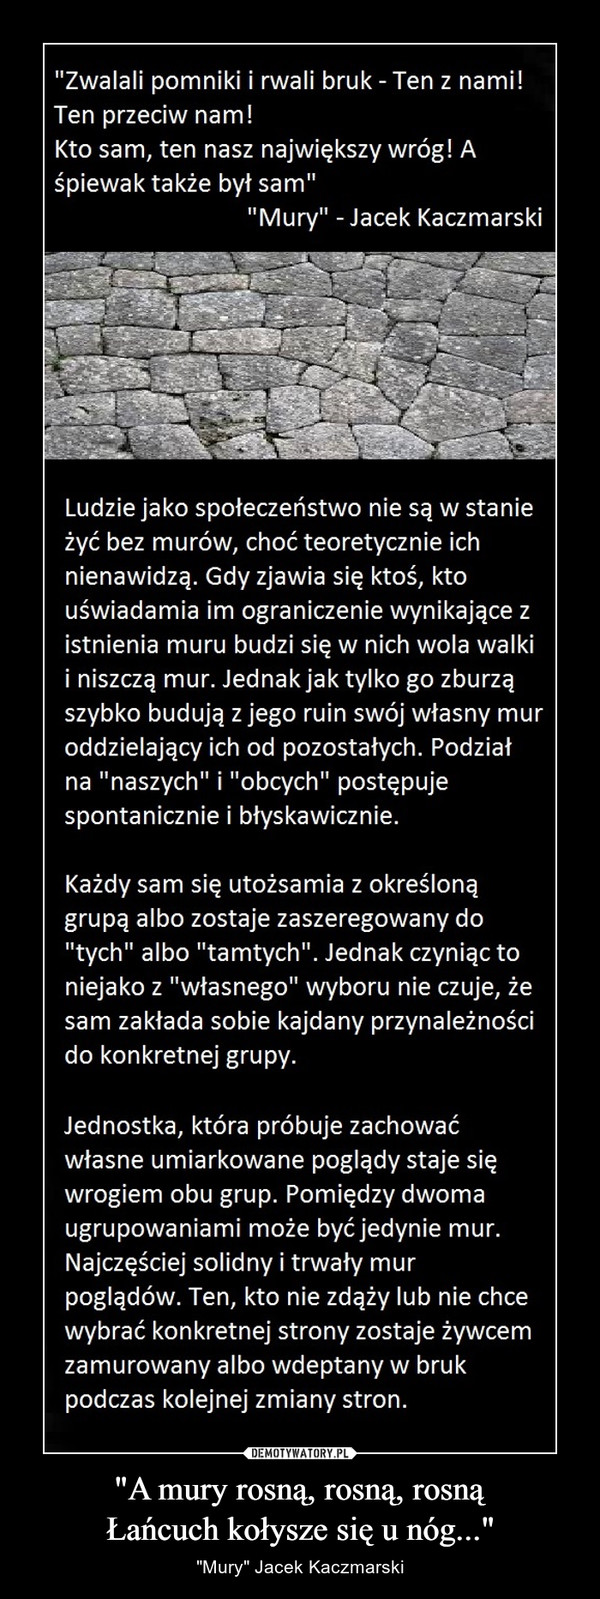 """""""A mury rosną, rosną, rosnąŁańcuch kołysze się u nóg..."""" – """"Mury"""" Jacek Kaczmarski"""